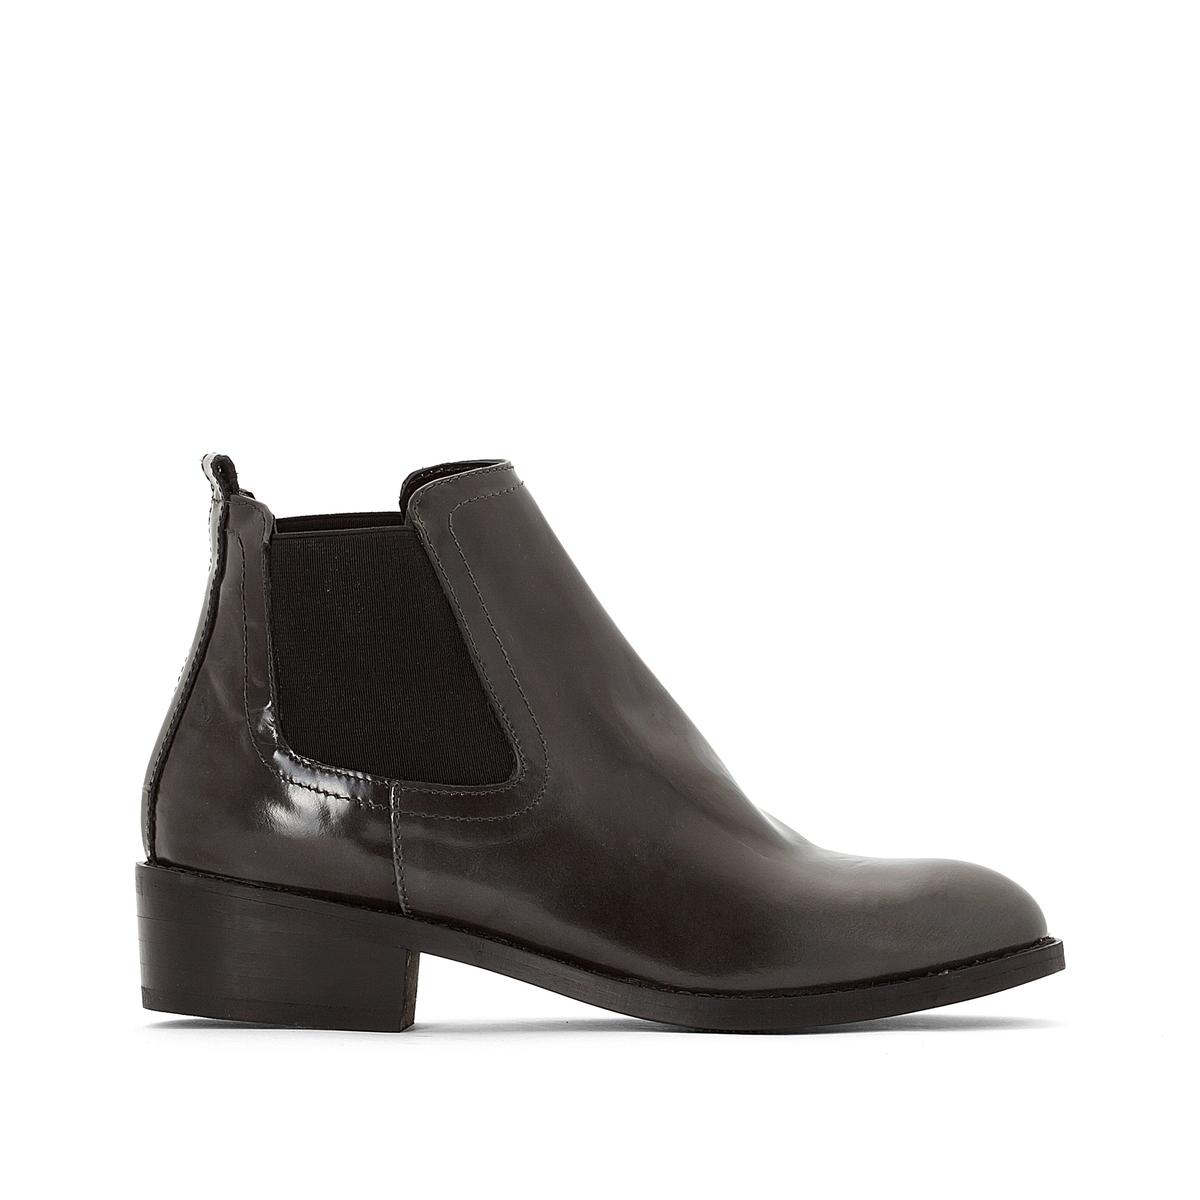 Ботинки кожаные на плоском каблуке RevaВерх/Голенище : Телячья кожа         Подкладка : Кожа.   Подошва : Эластомер   Высота голенища : 13 см   Высота каблука : 3 см   Форма каблука : Плоский каблук   Мысок : Закругленный   Застежка : без застежки<br><br>Цвет: серый,черный<br>Размер: 37.38